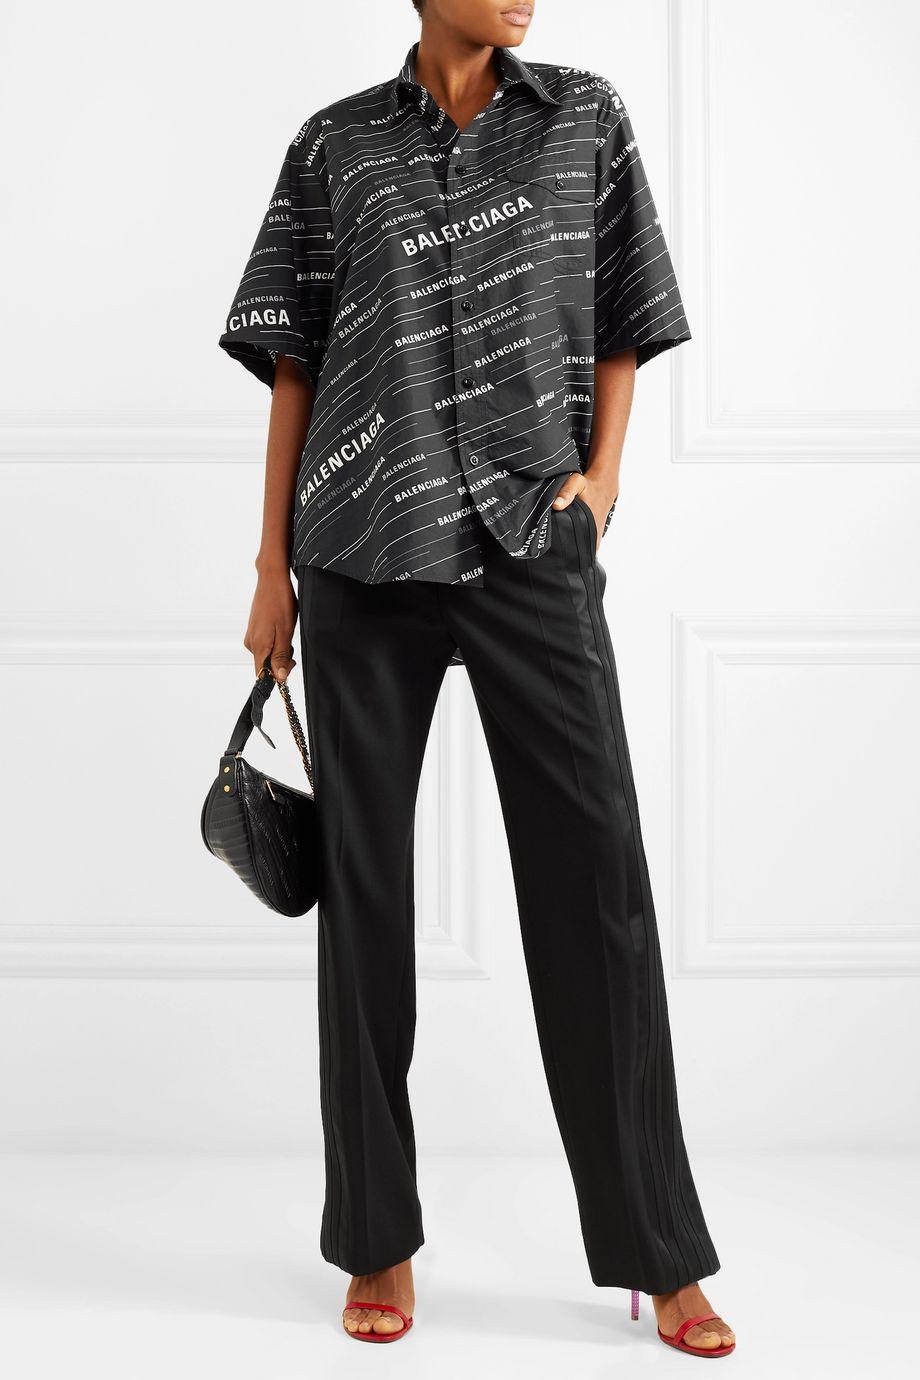 Balenciaga Pantalon droit en crêpe à finitions en satin